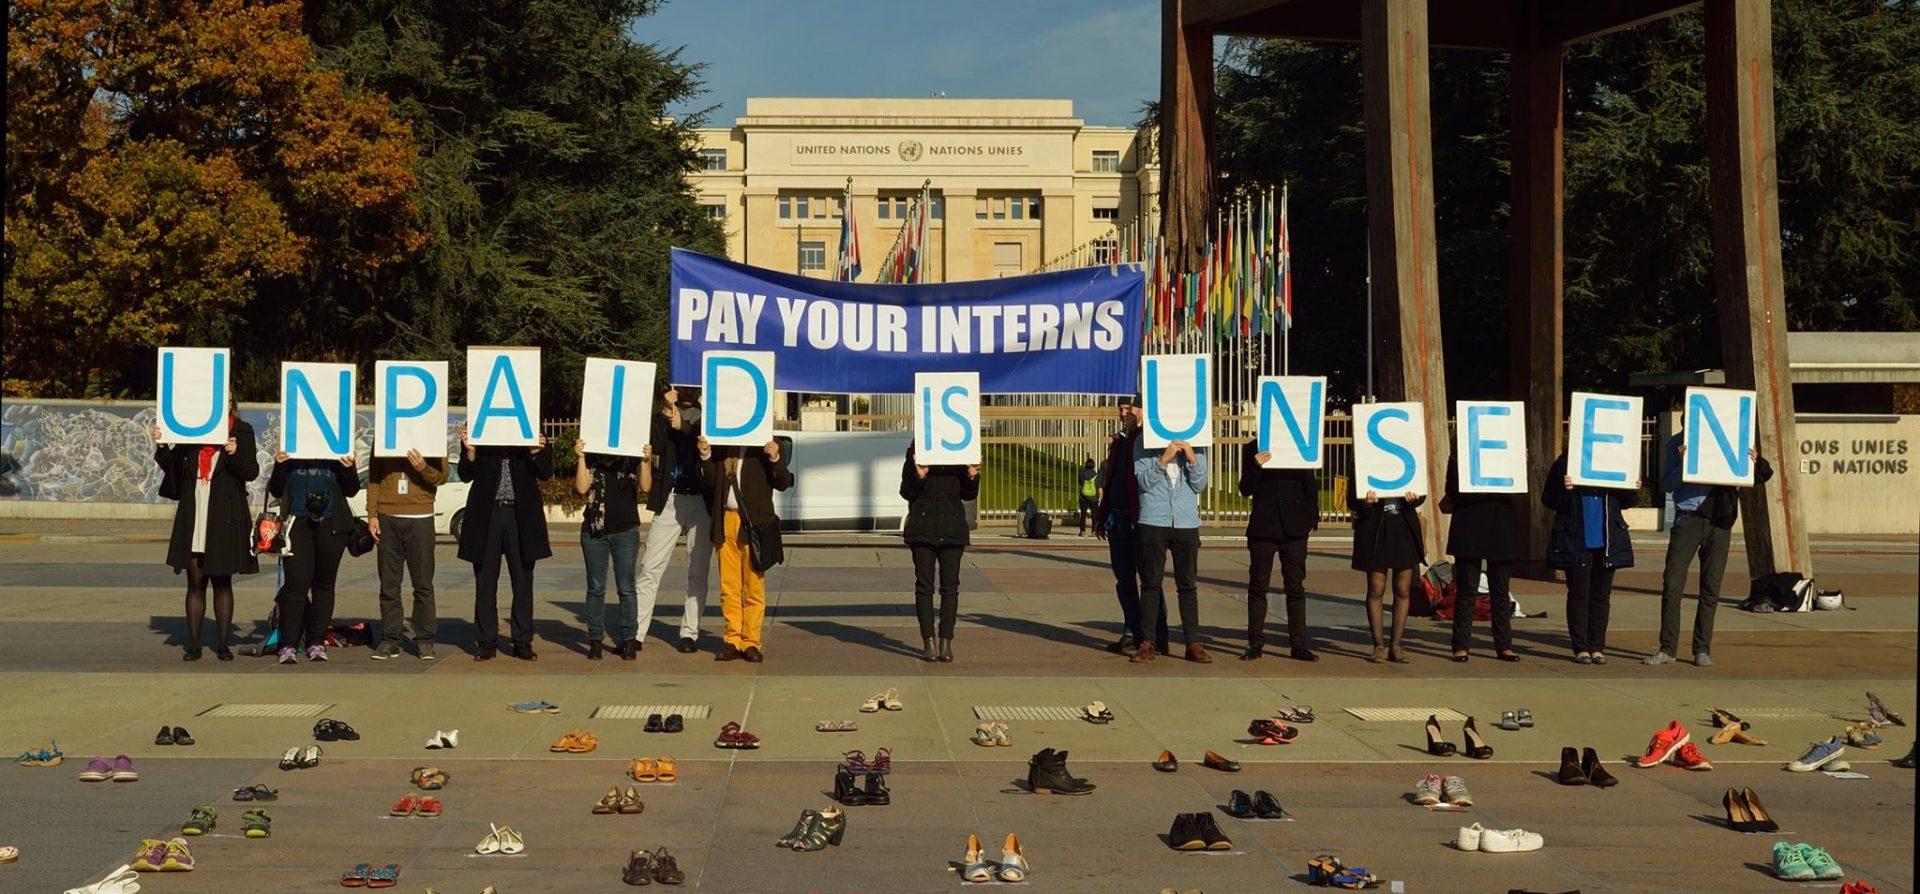 Coverage of the global intern strike | CCISUA